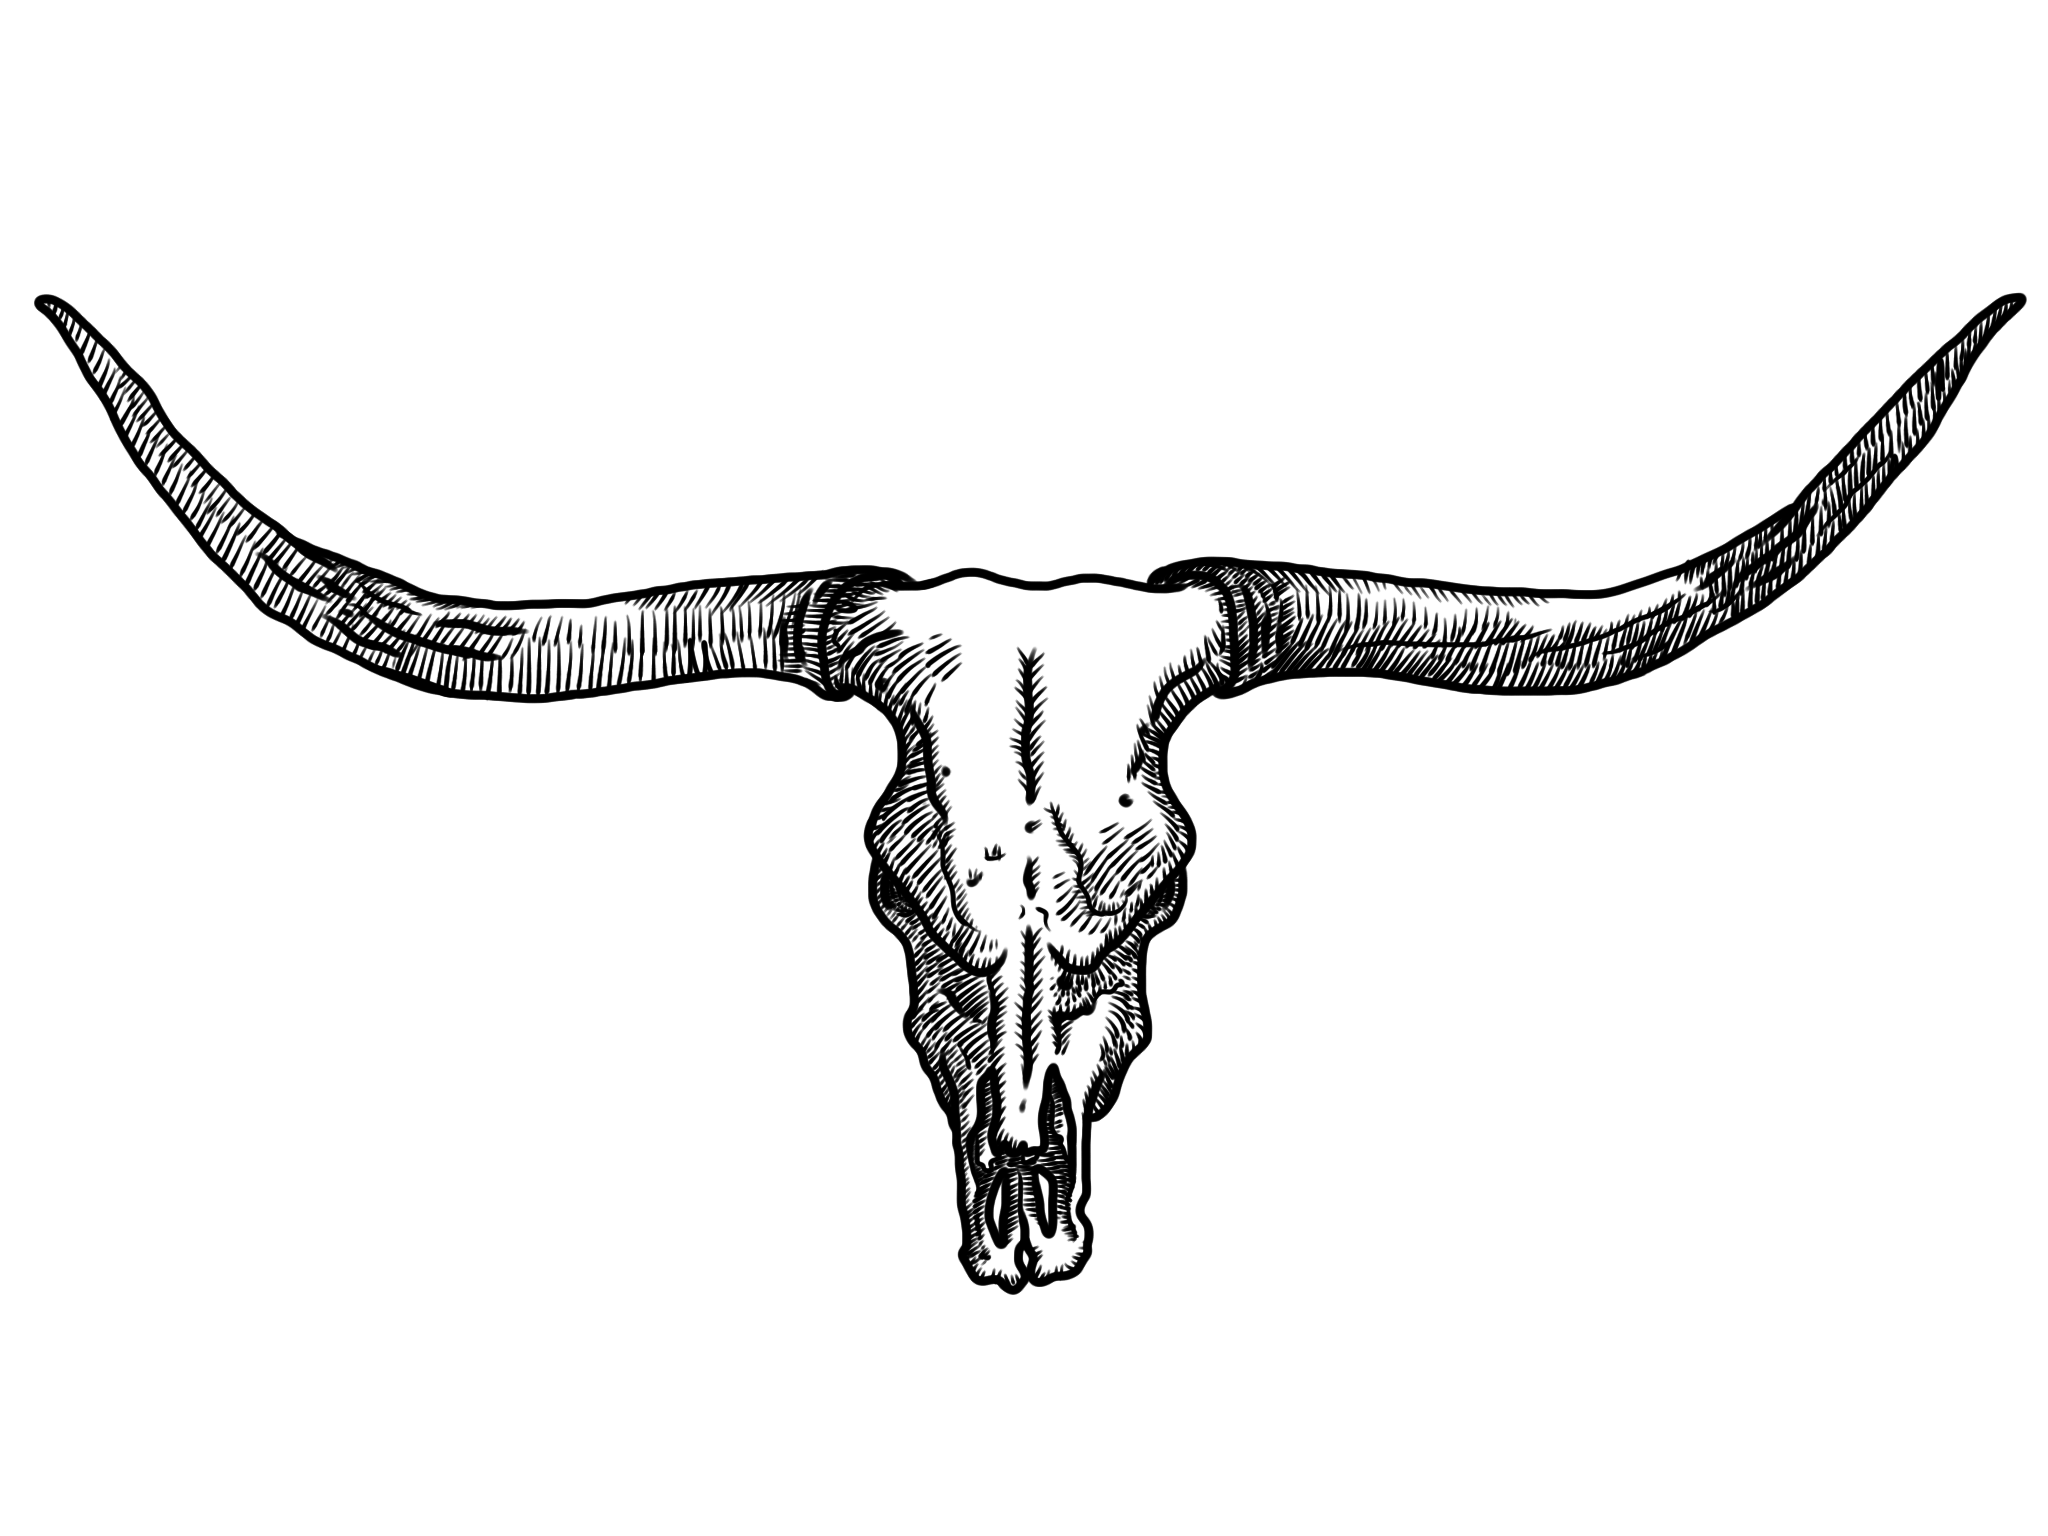 Bovine,Texas longhorn,Horn,Bull,Black.